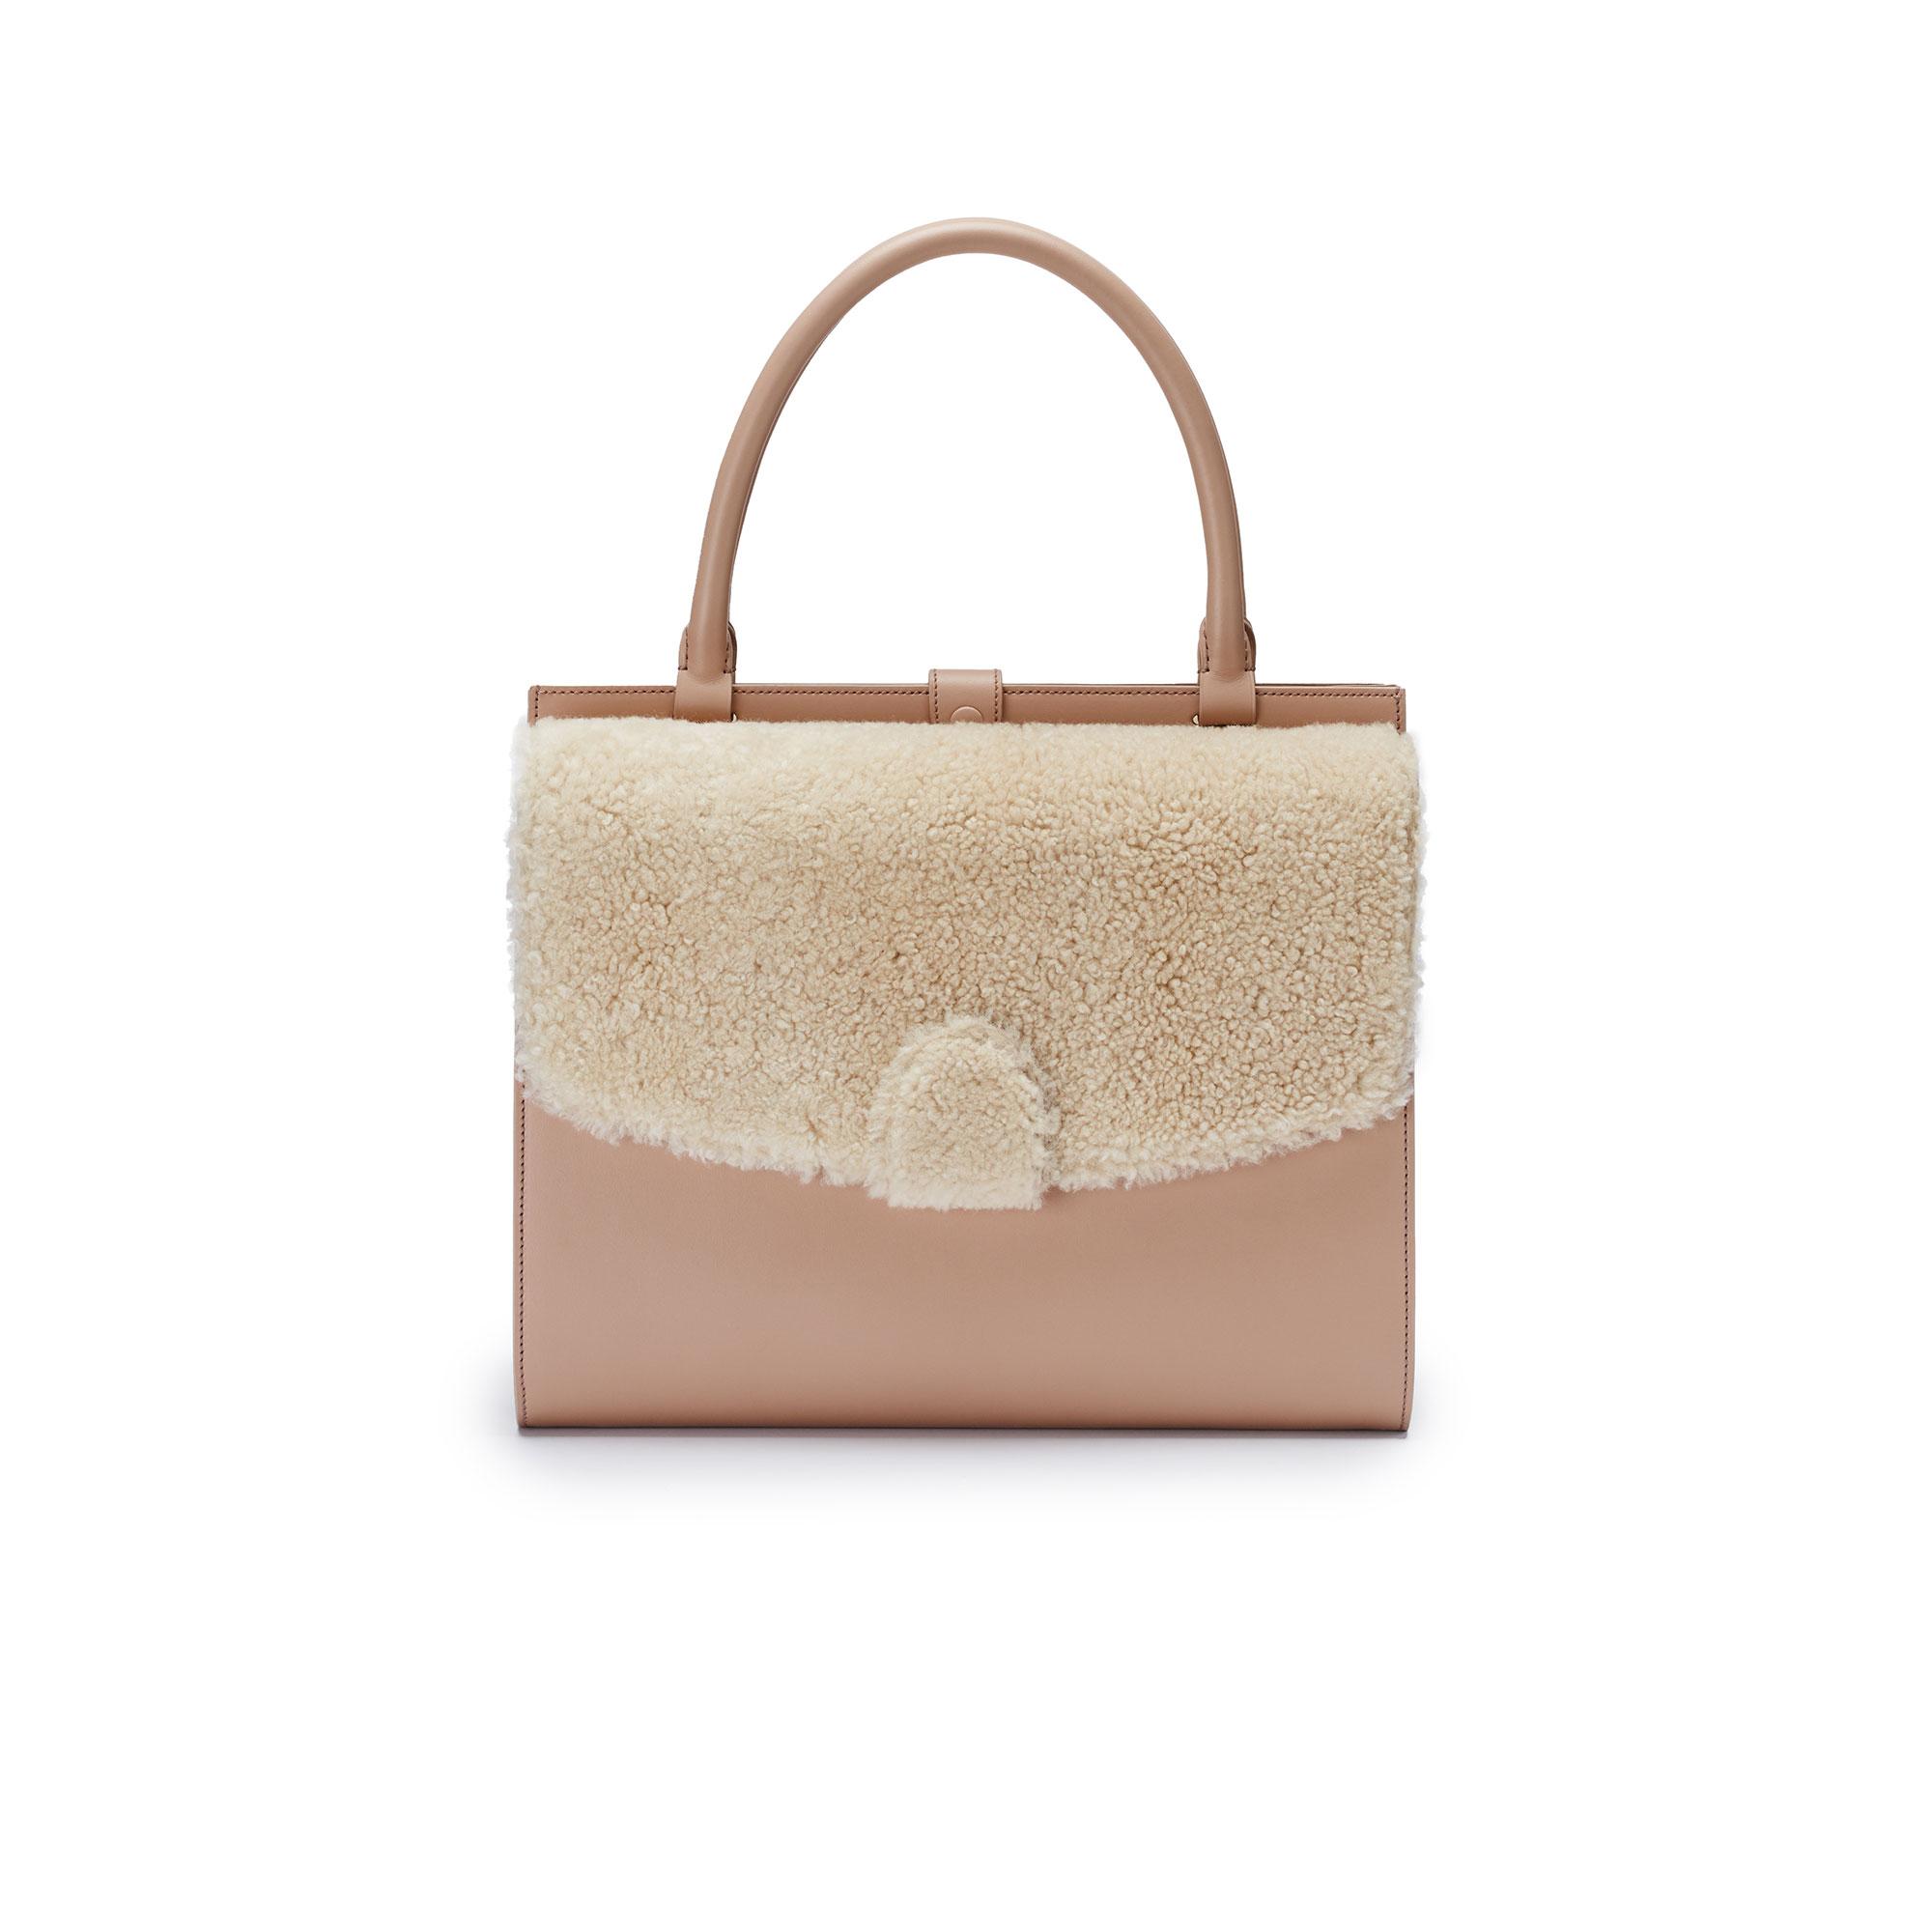 Double-Dafne-nude-rose-shearling-bag-Bertoni-1949